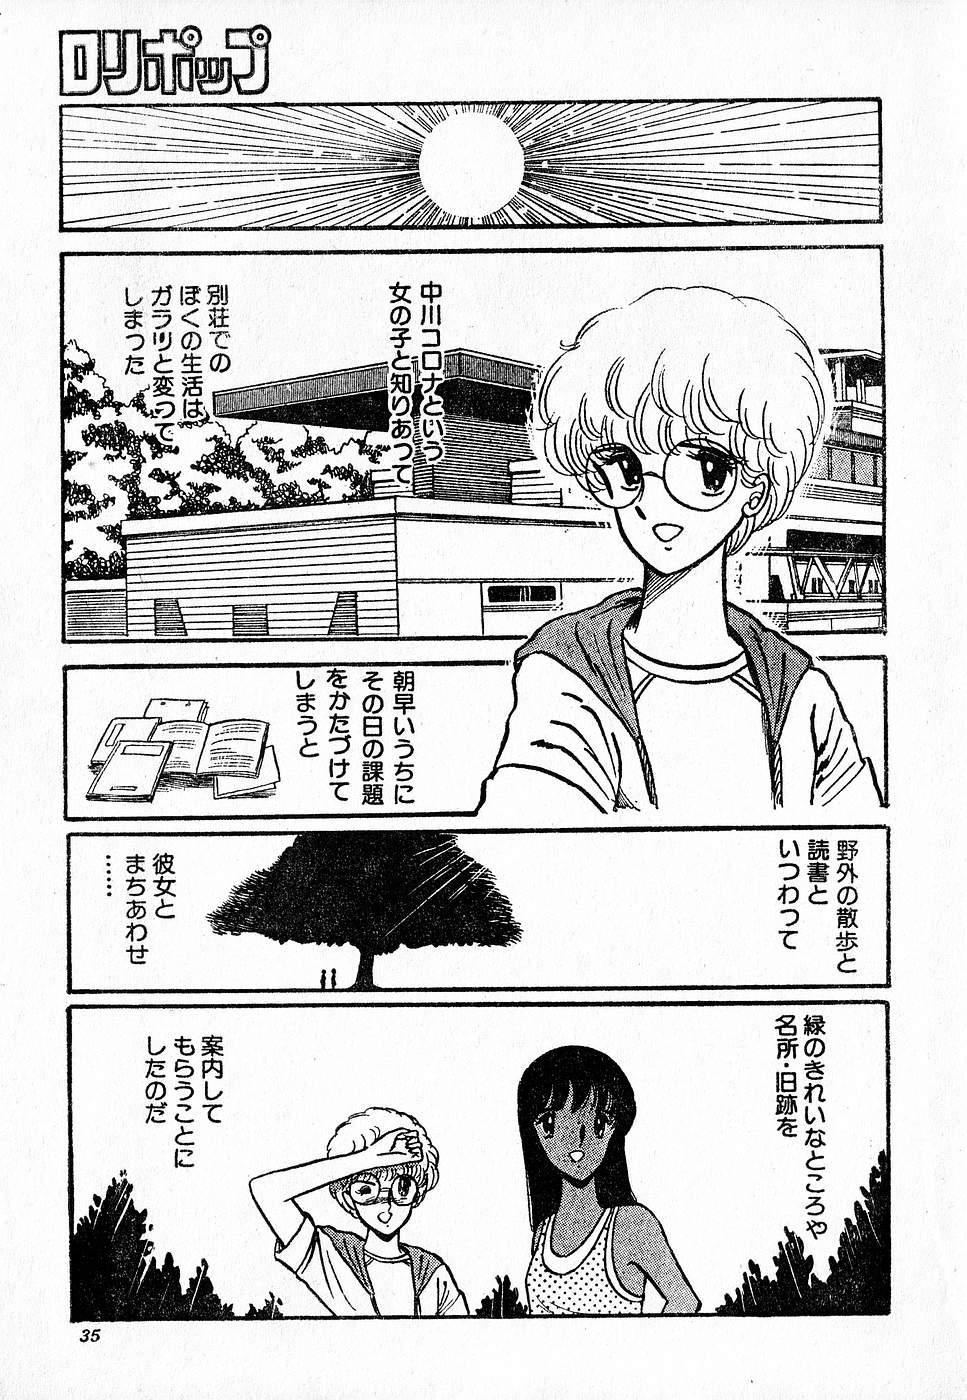 COMIC Lolipop 1985-10 Soukanjunbigou Aki 34